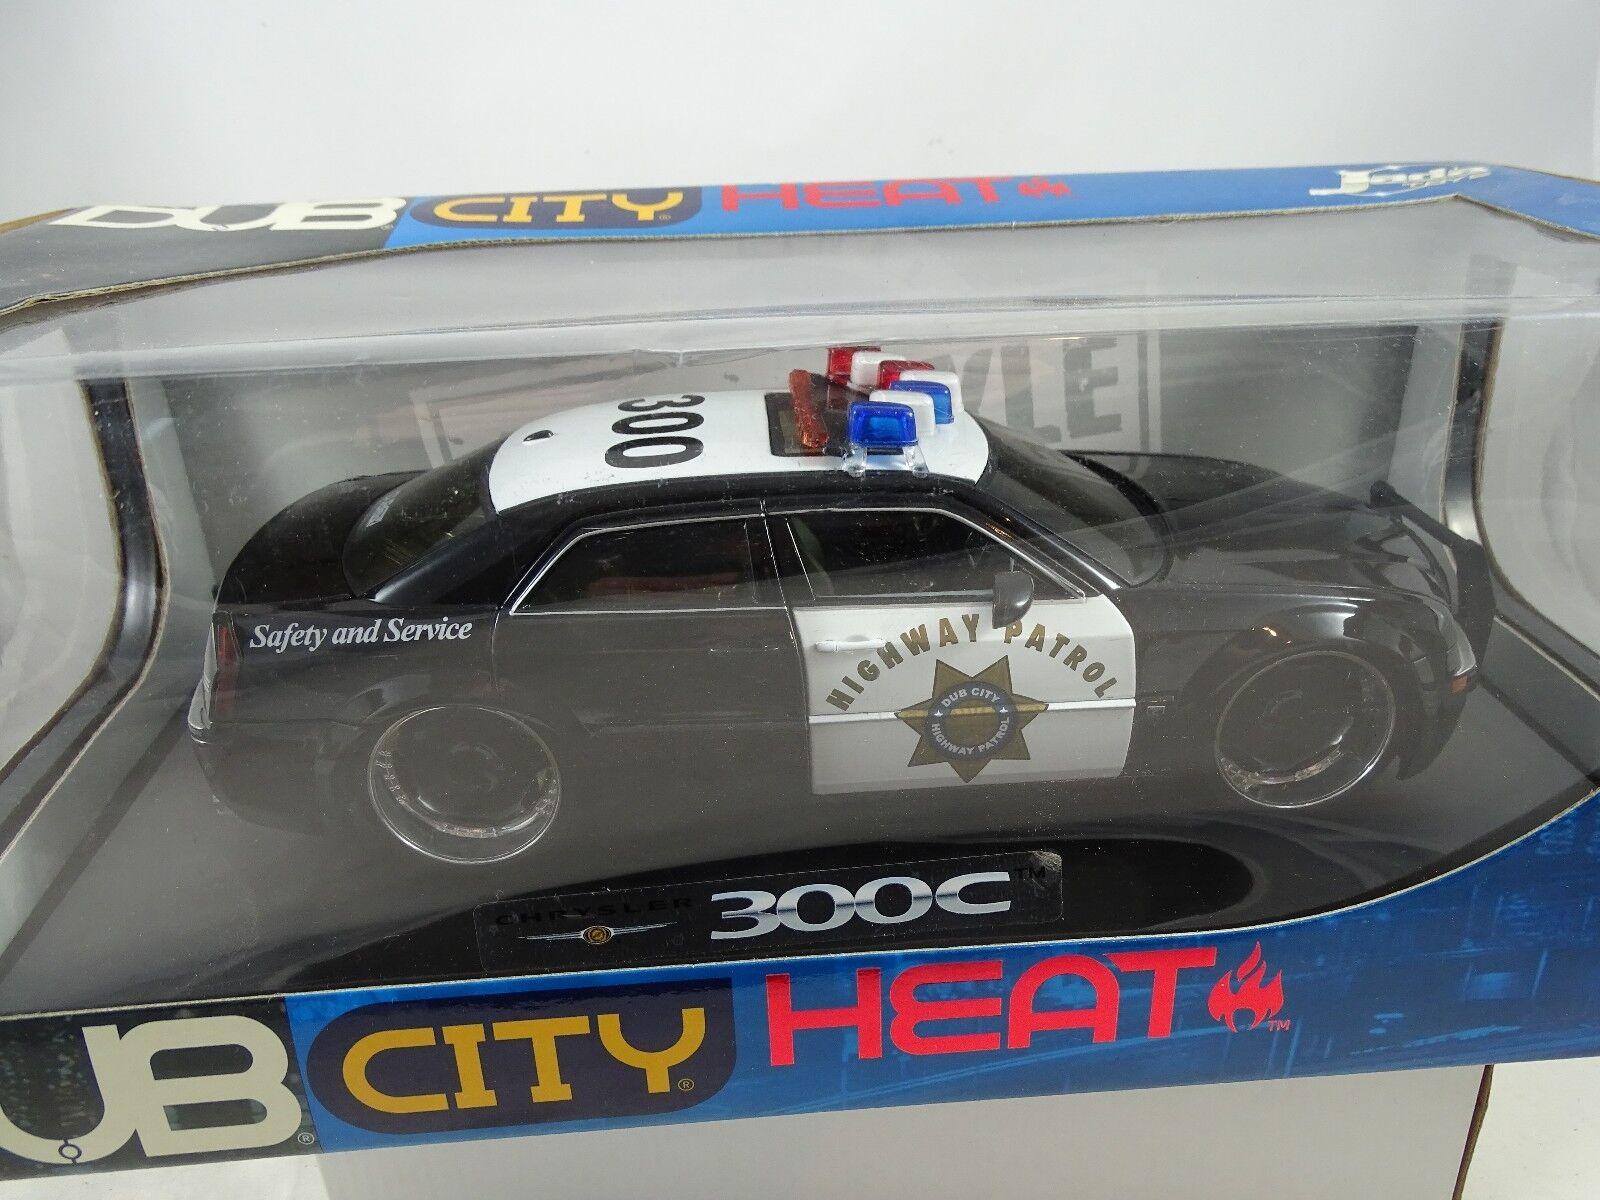 negozio di vendita outlet 1 18 Jada Jada Jada CHRYSLER 300c Highway Patrol Safety Service Dub città  90569 rarità §  fornire un prodotto di qualità